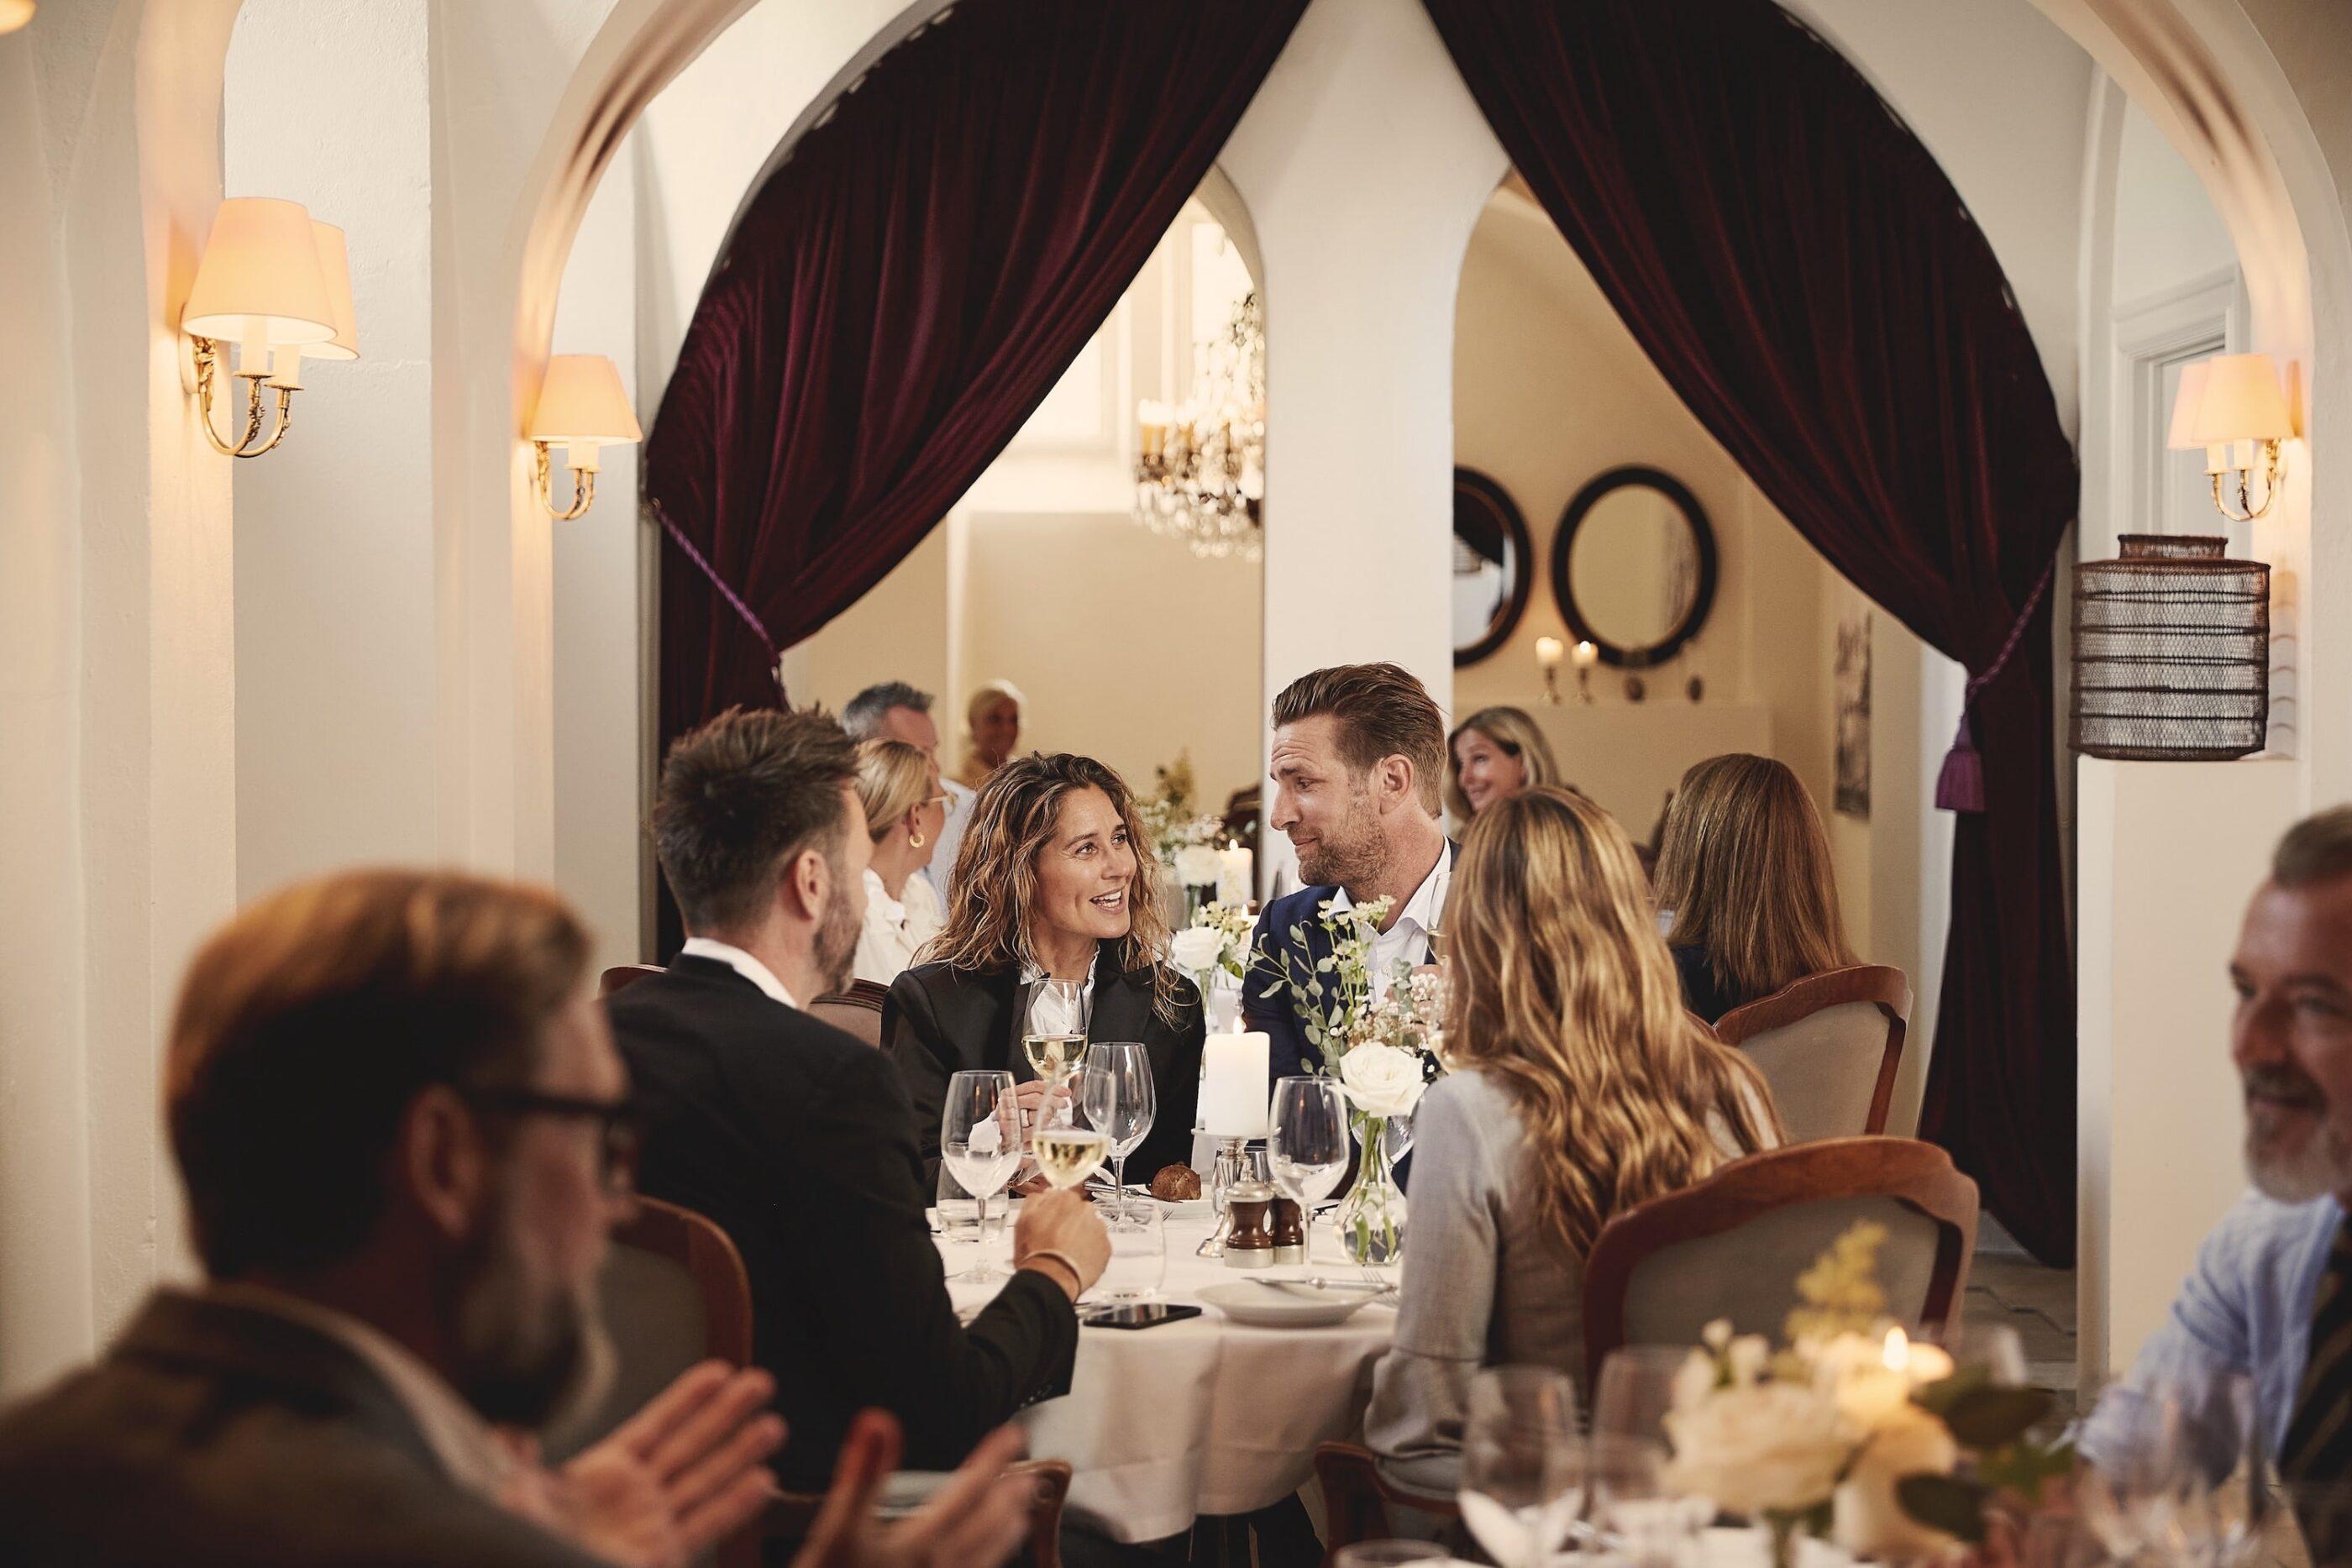 2 par nyder hinandens selskab ved et lille middagsbord